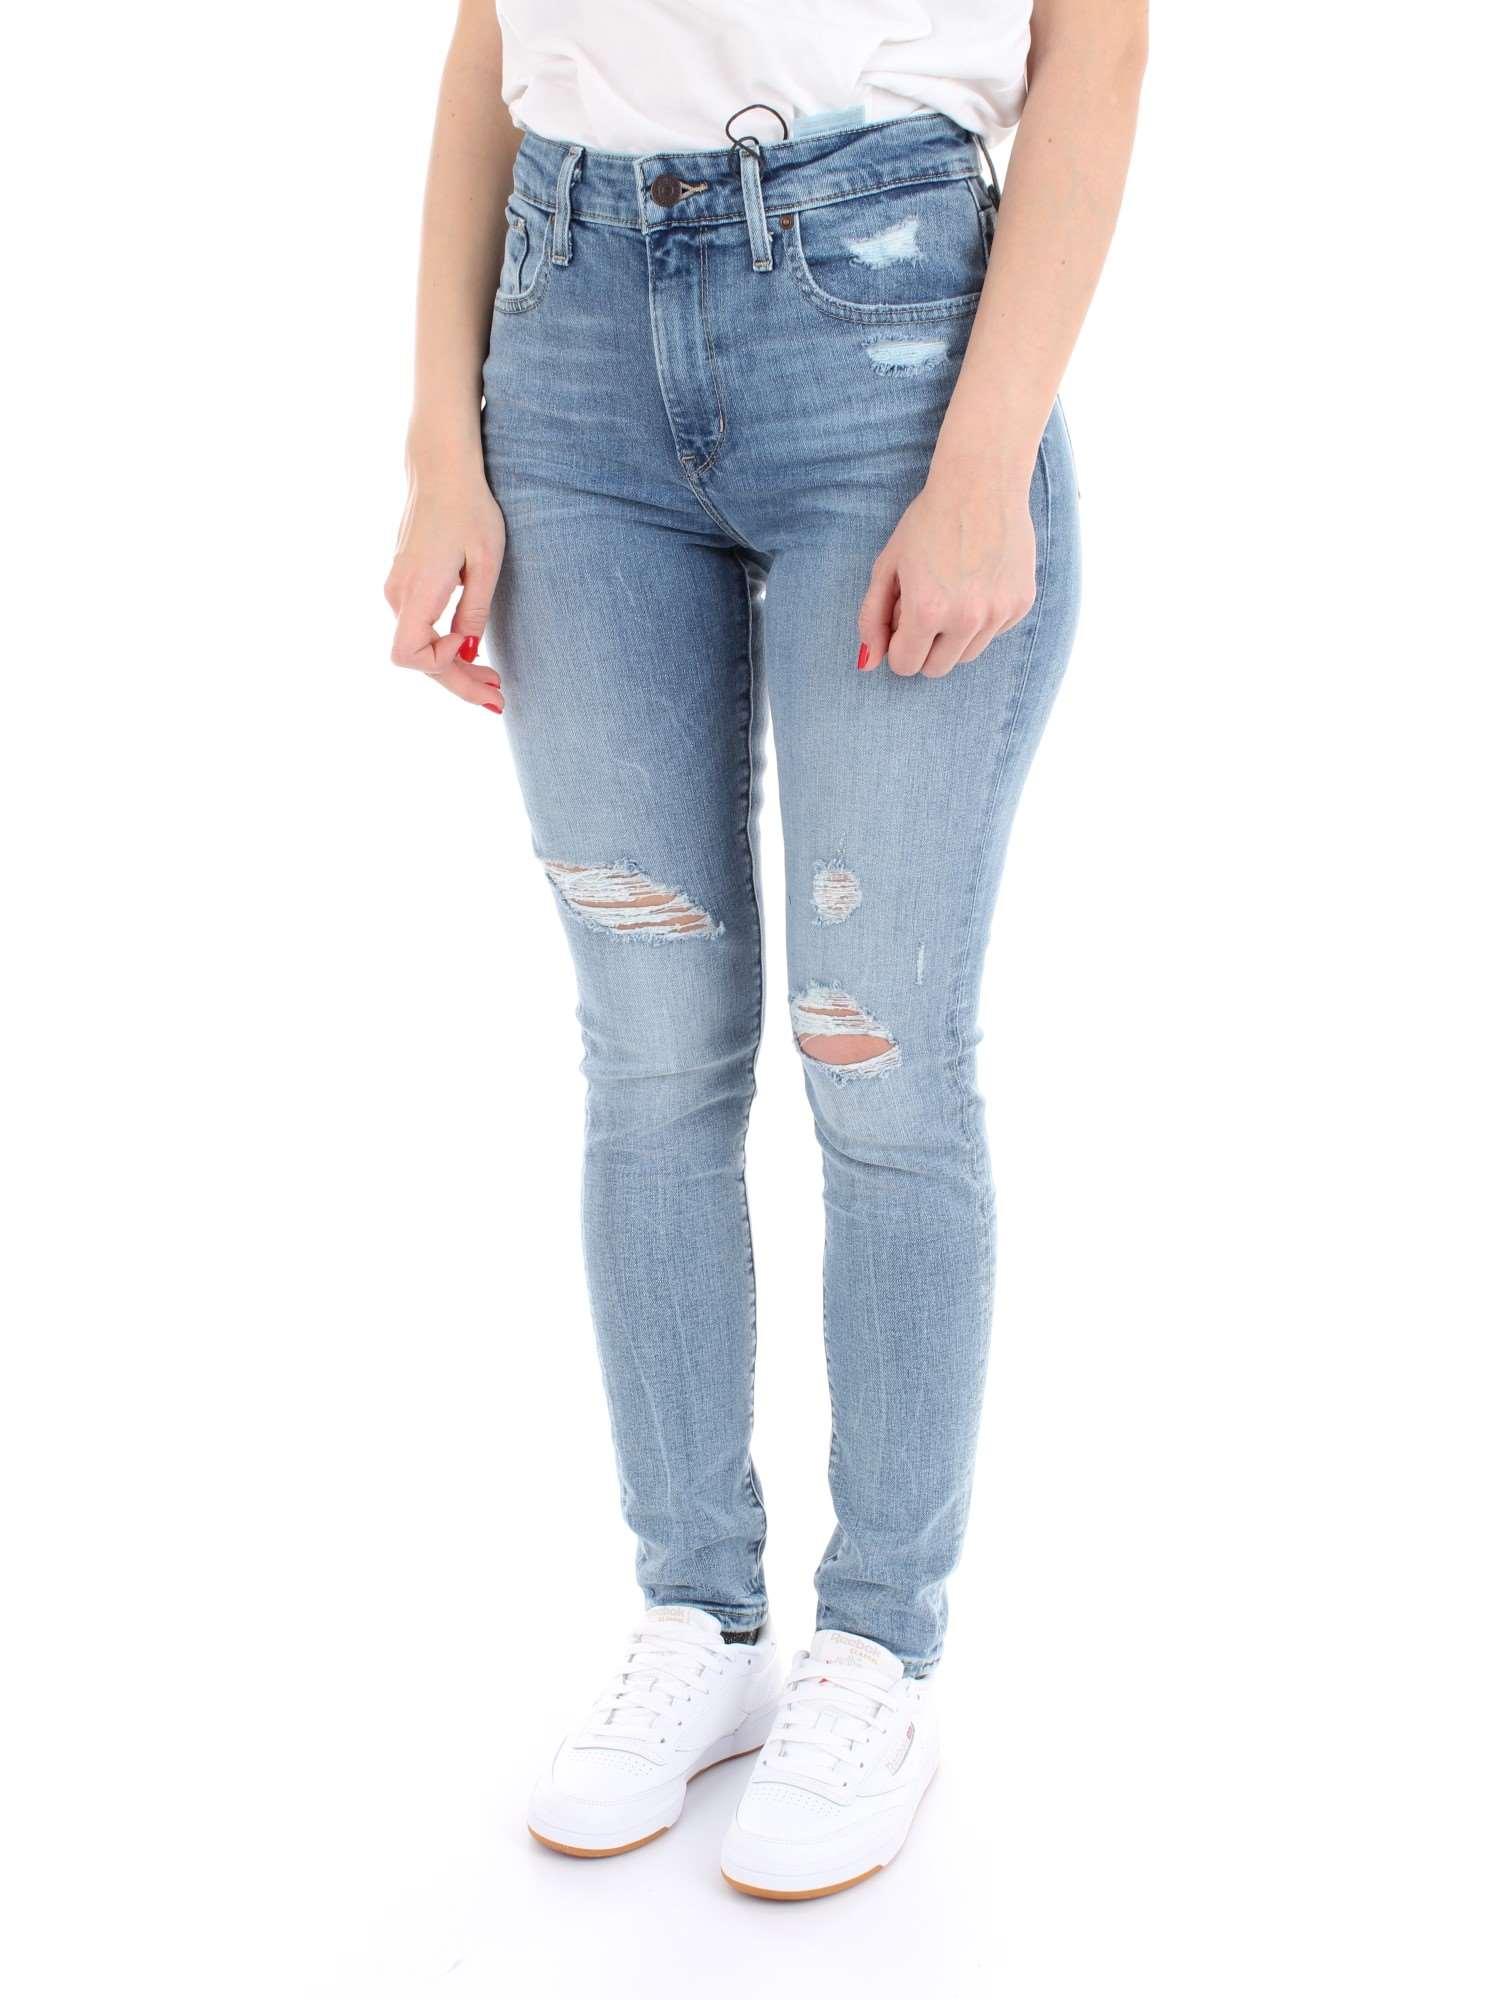 Jeans 18882 Printemps Donna 01480 succession Denim Levi's CaBw6qC